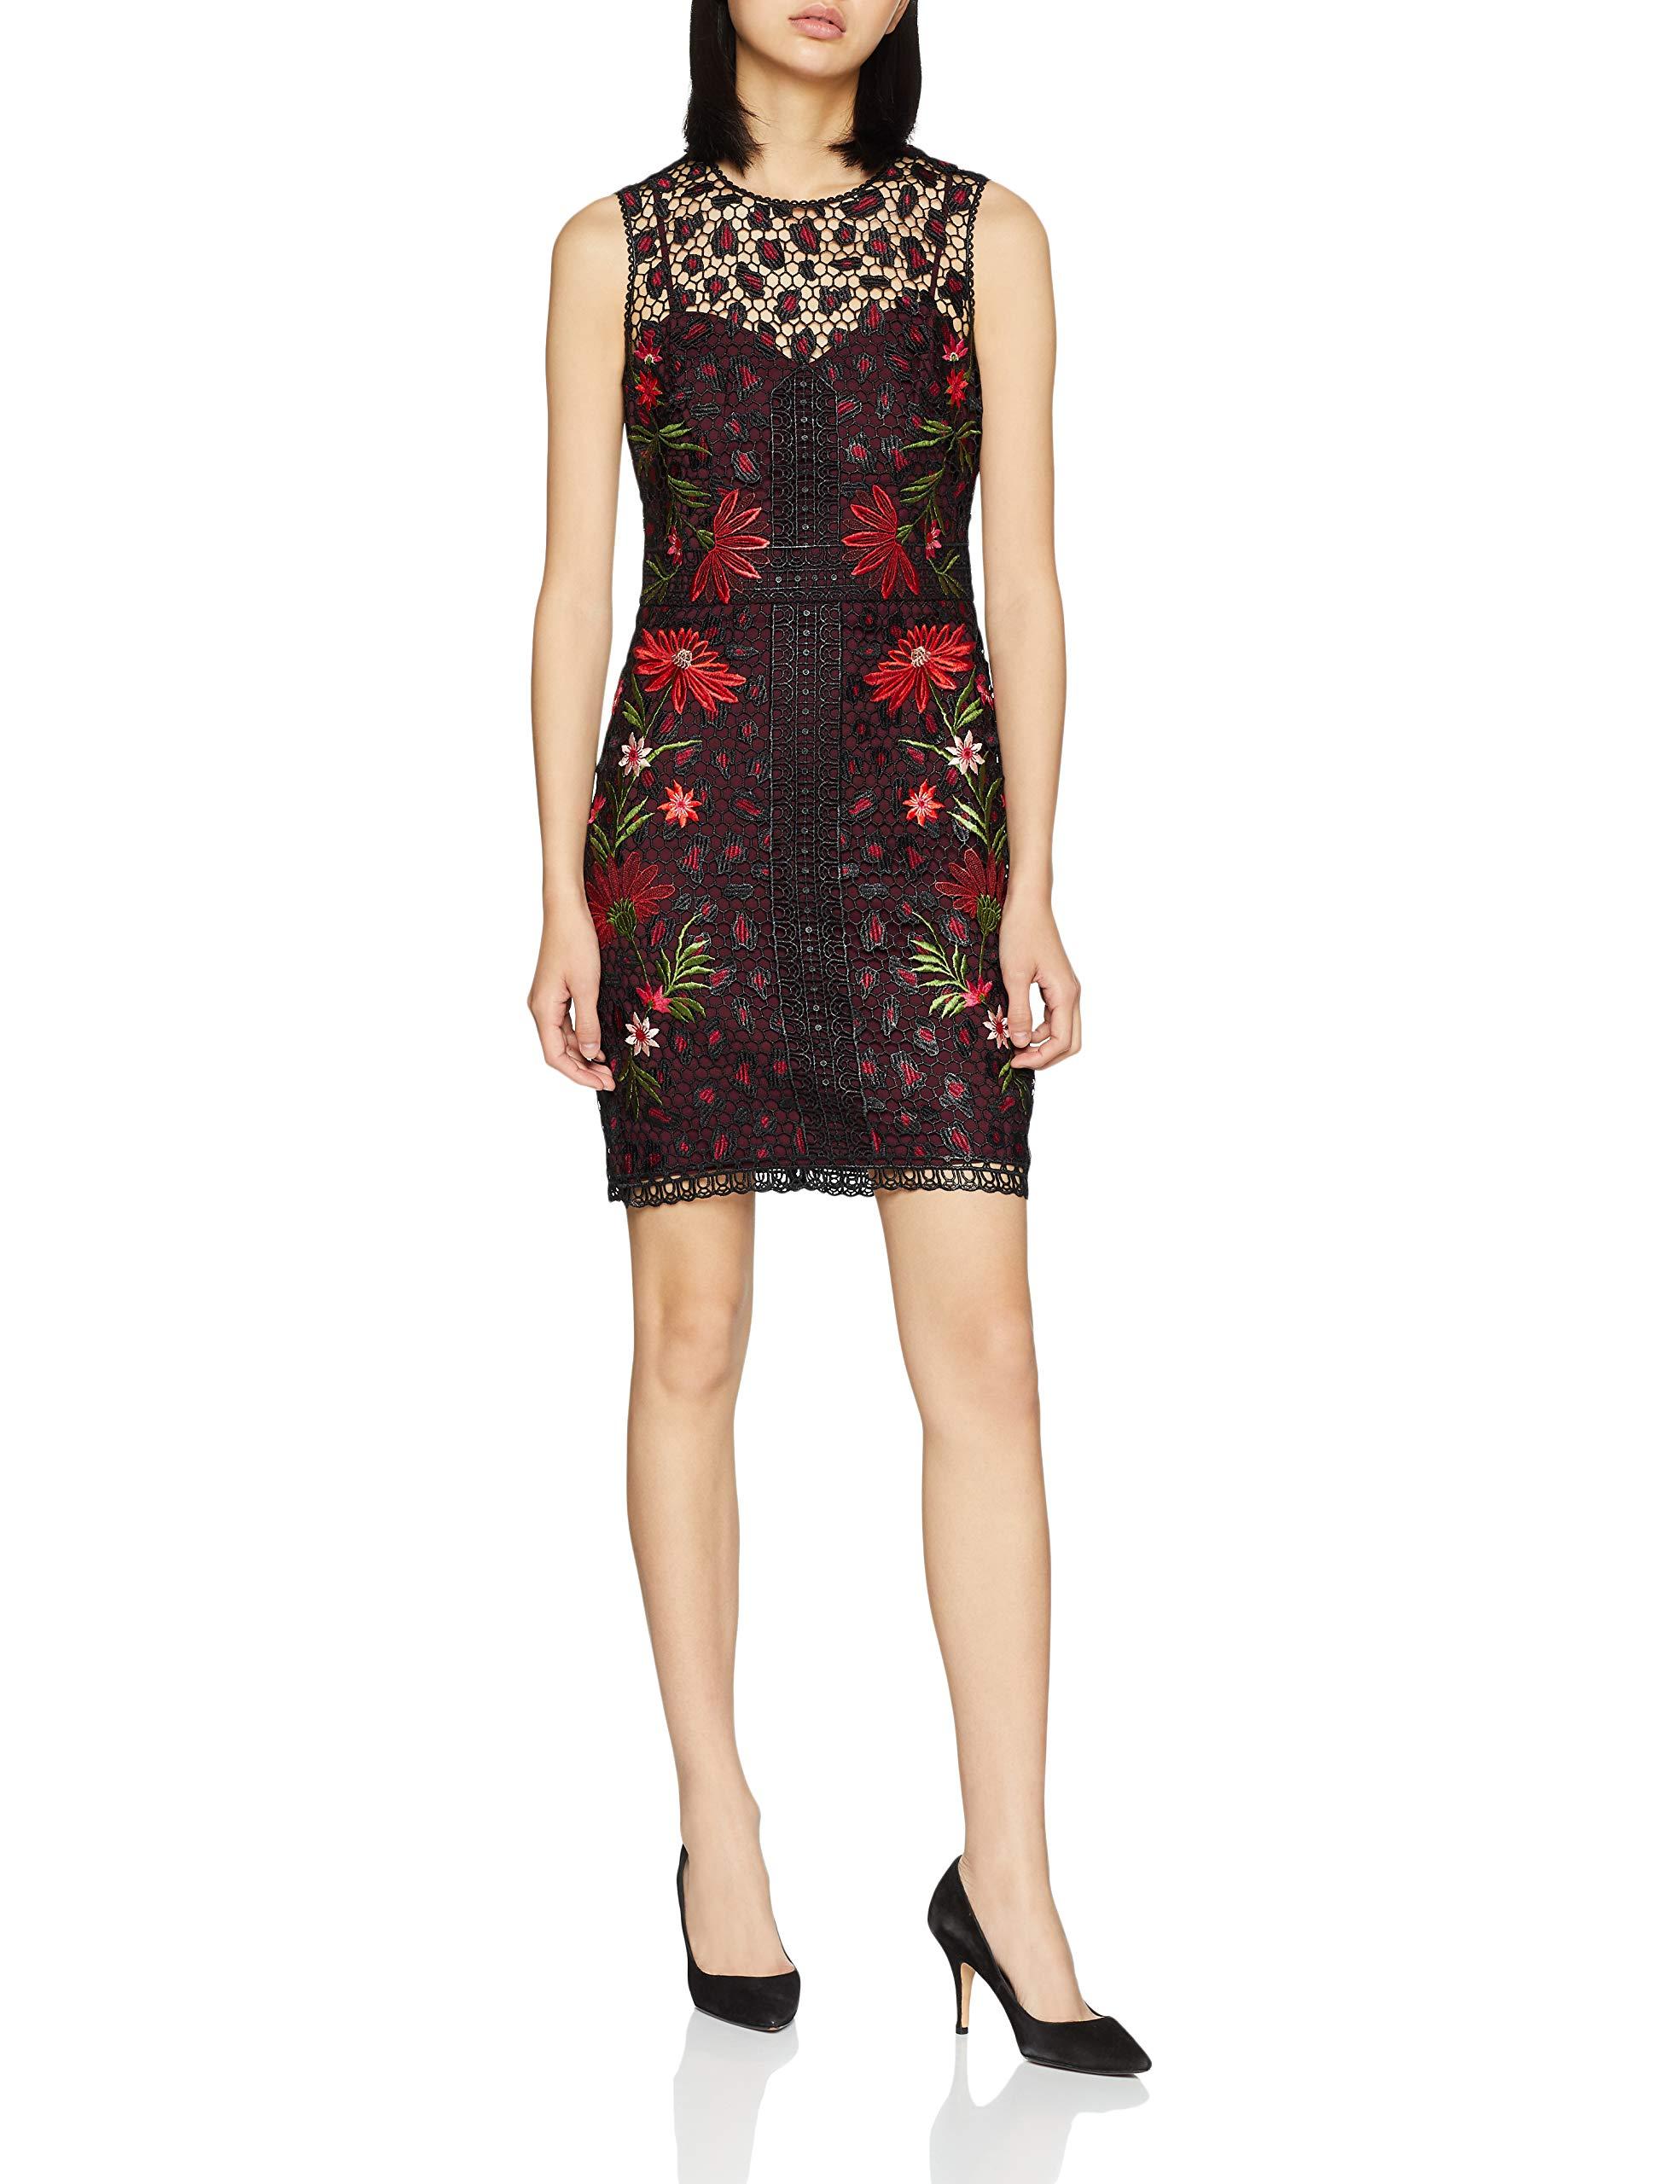 12Femme FabricantUk Chemical Leopard De Dark Dress Lace Floral SoiréeMulticoloremulticolour40taille And Robe Karen Millen RL3j4A5